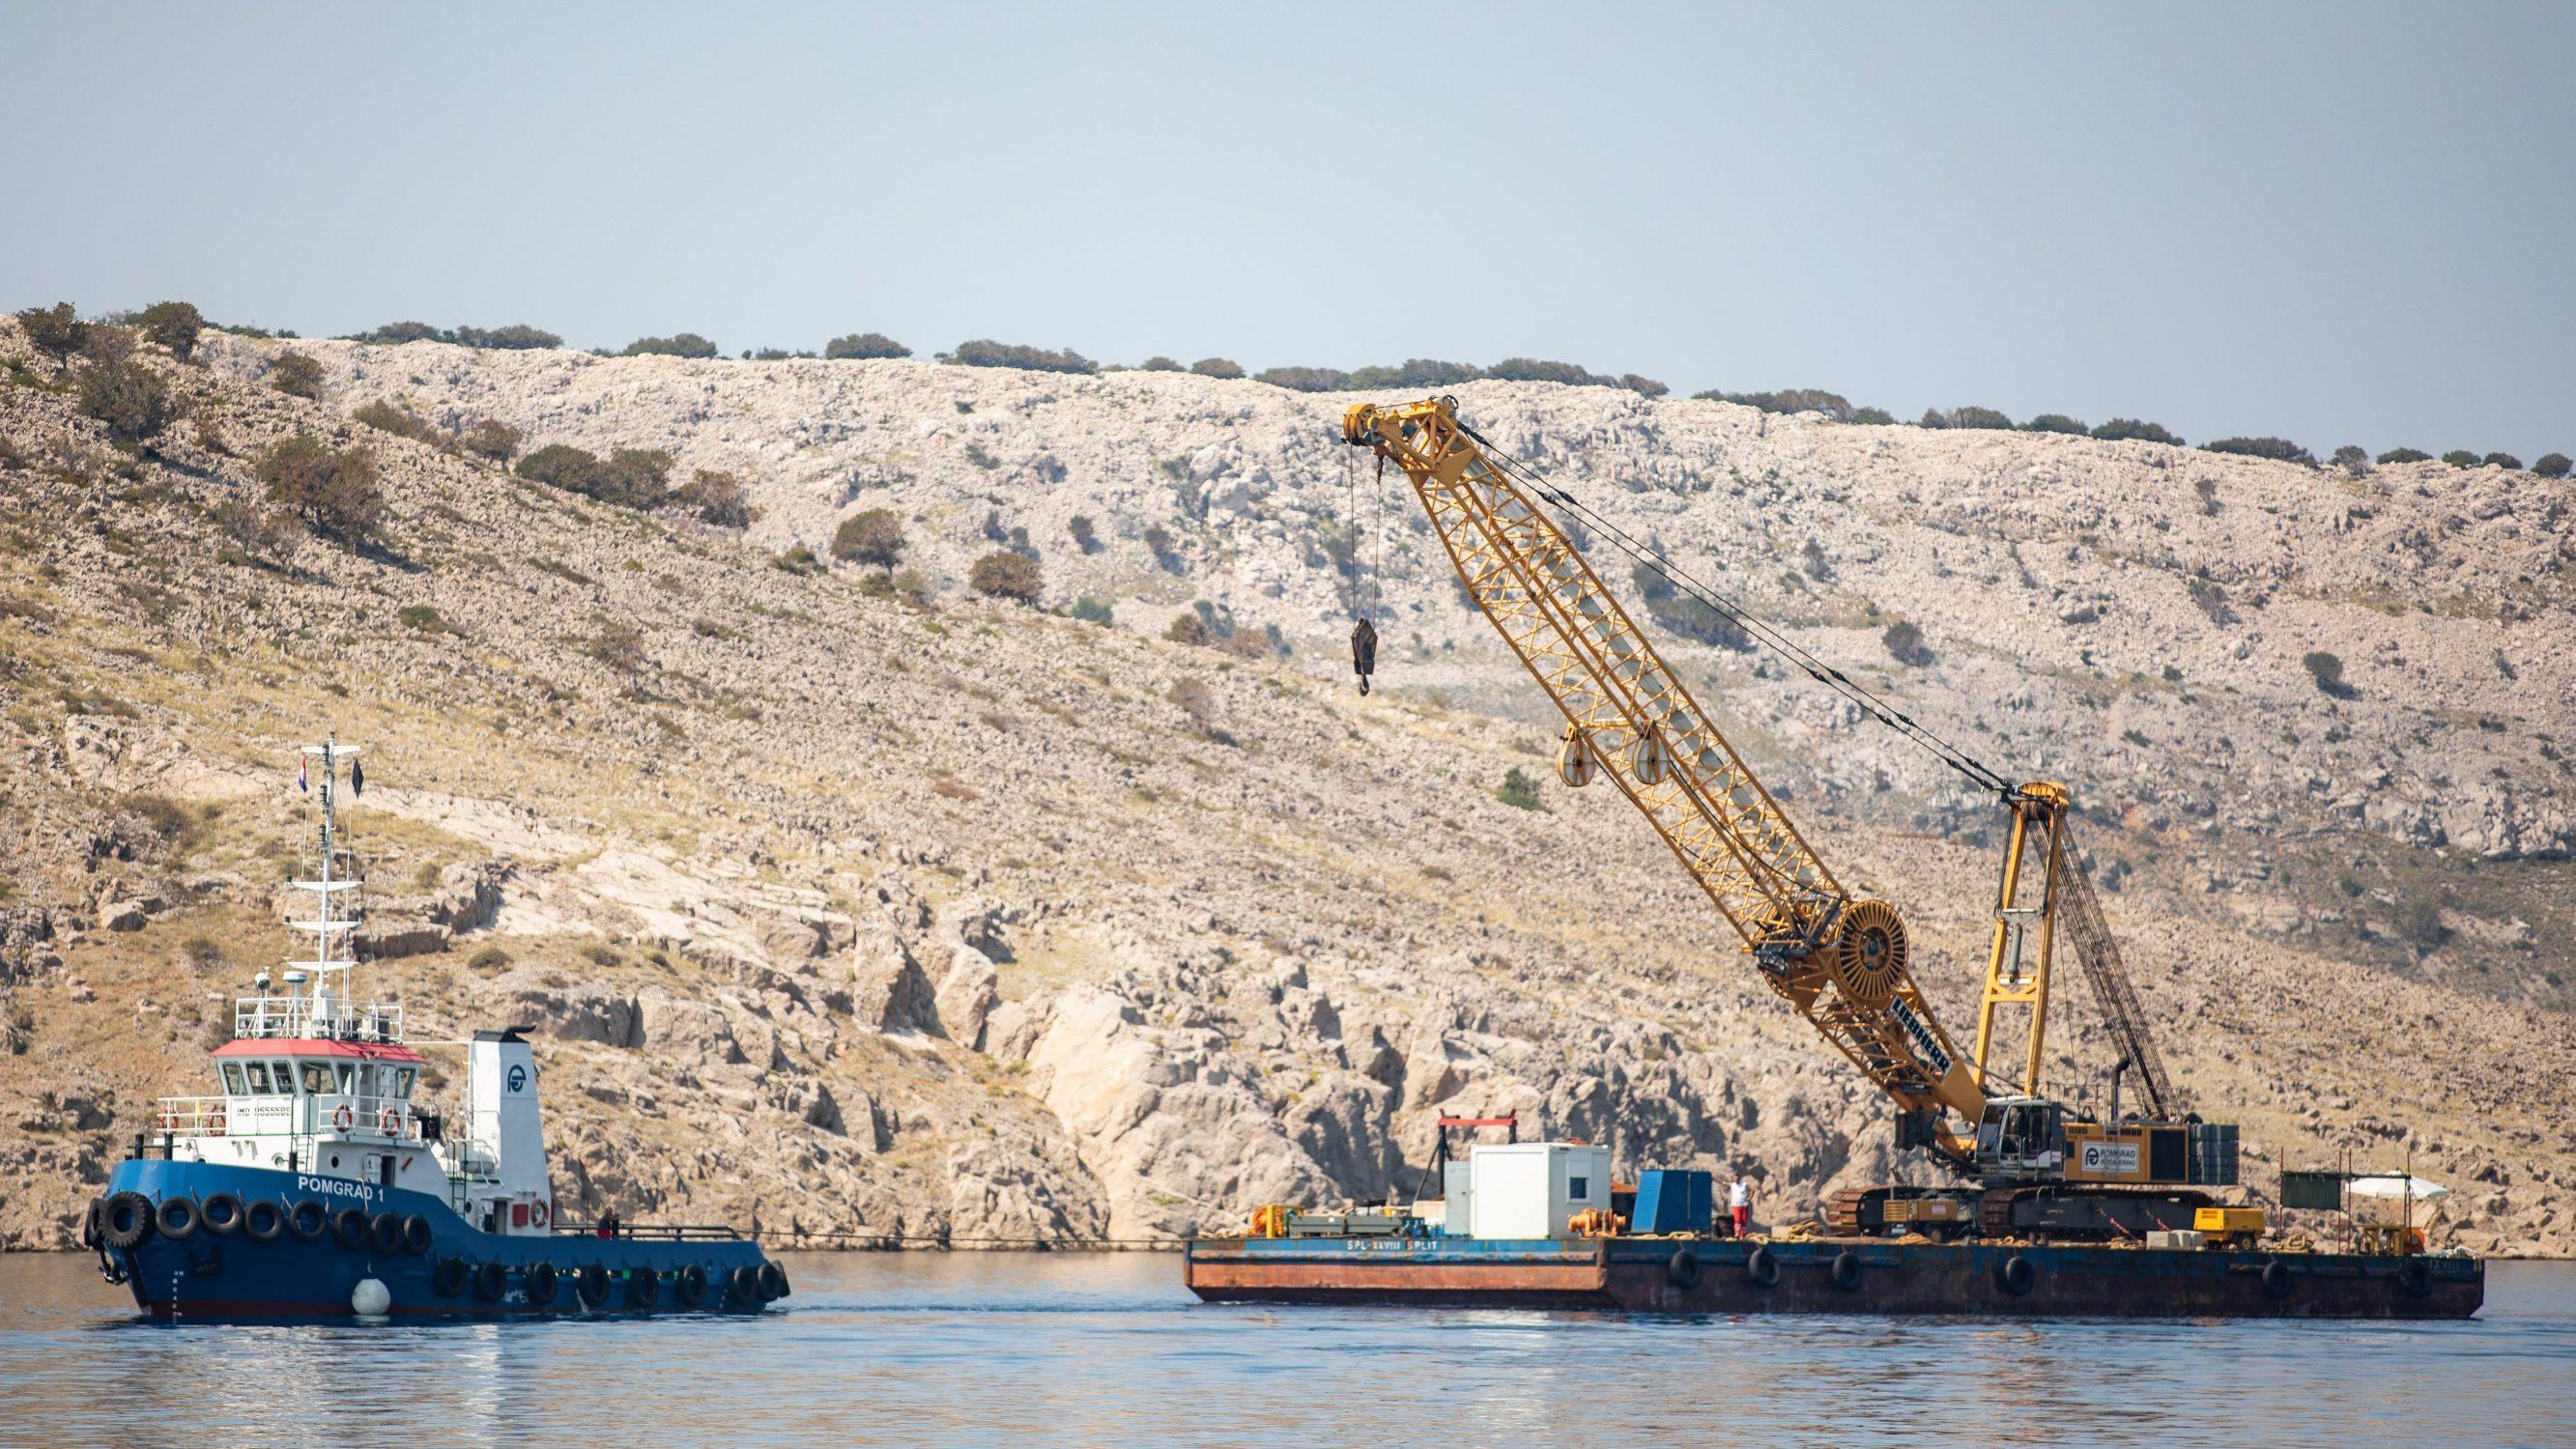 Crisnjevo, 100820. U tijeku su pripreme za izgradnju plinovoda koji ce biti polozen u more izmedju otoka Krka i kopna. Na fotografiji: gradiliste. Foto: Matija Djanjesic / CROPIX